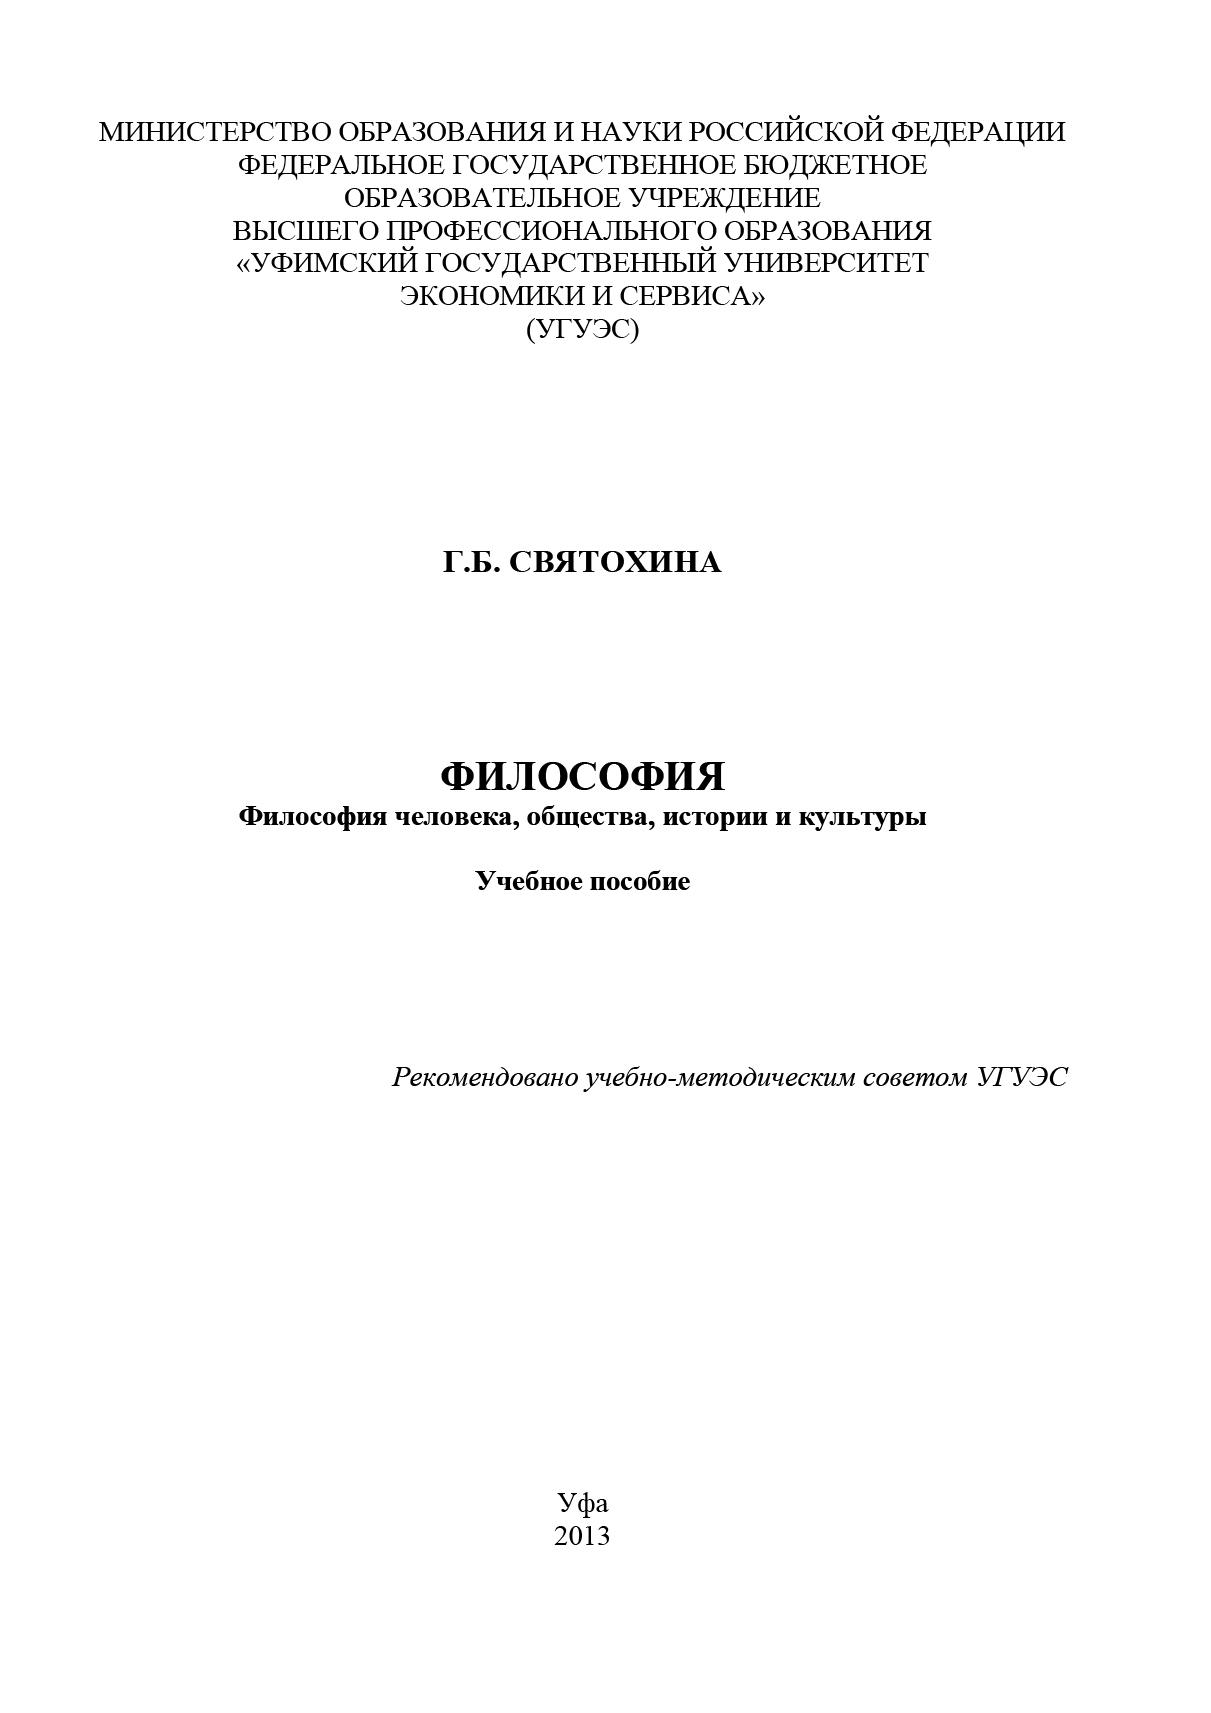 Галина Святохина Философия. Философия человека, общества, истории и культуры